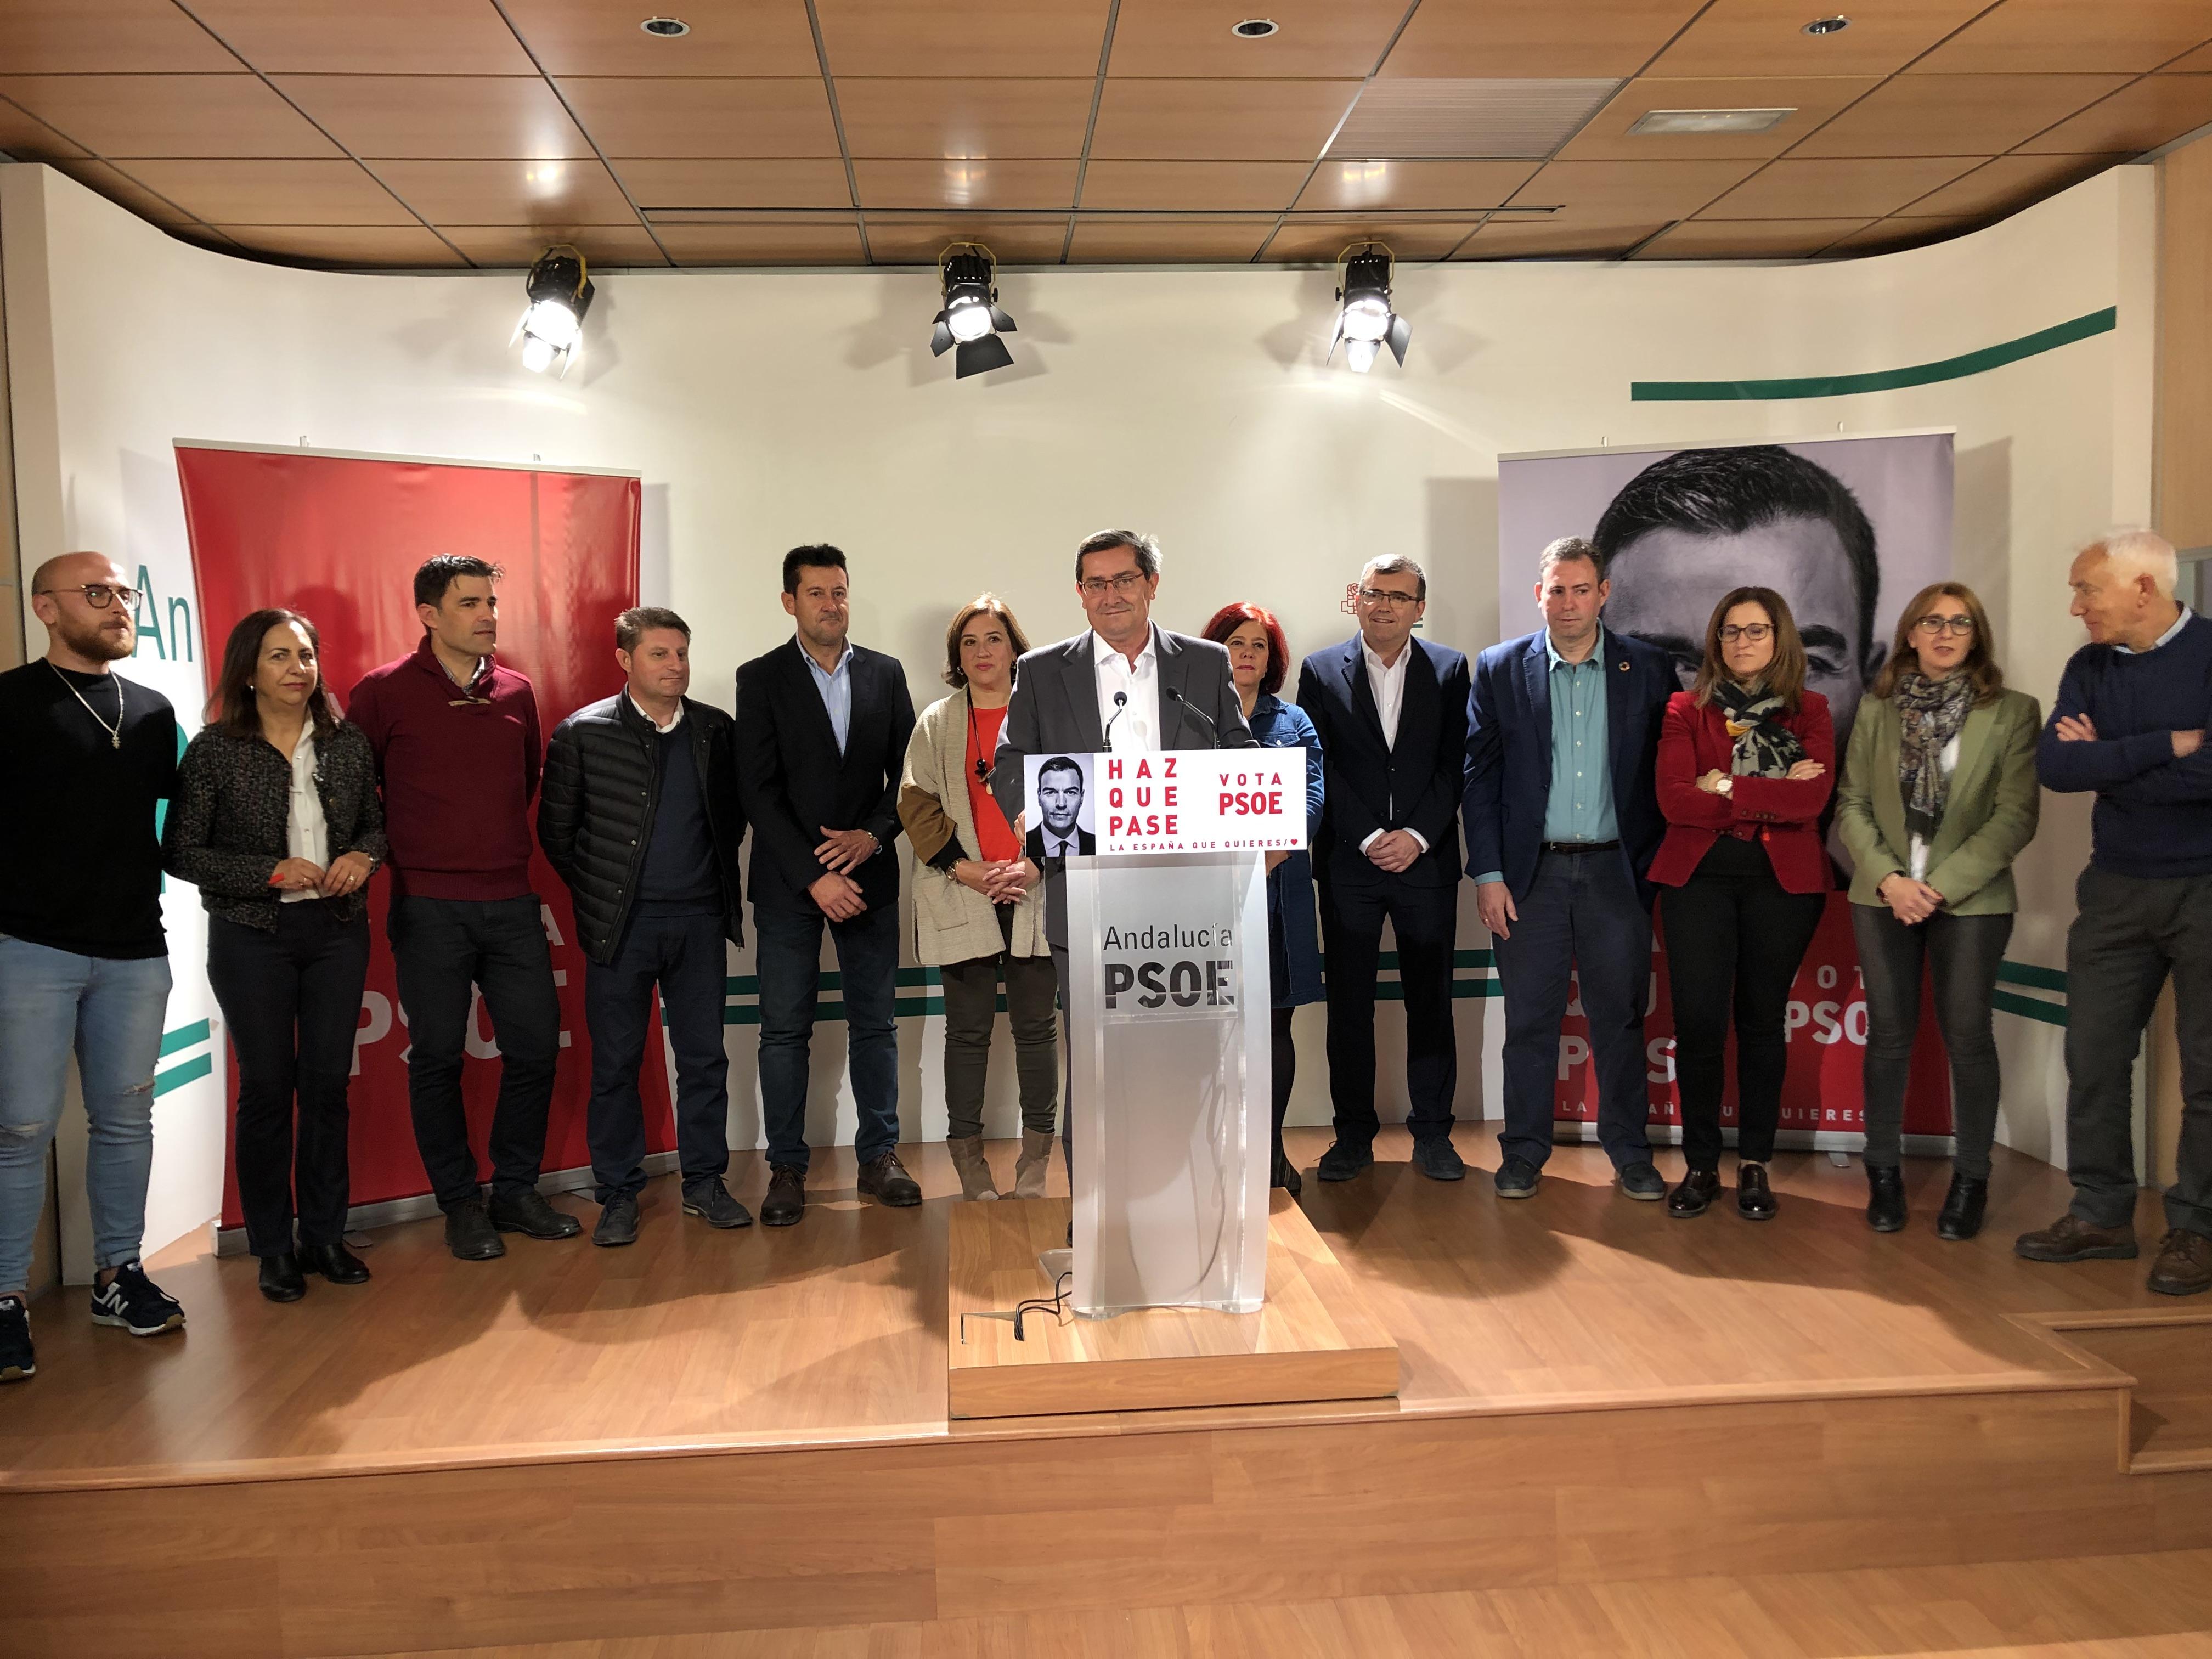 #28A: El AVE, Rules o la Segunda Circunvalación encabezan el eje de promesas electorales del PSOE para Granada